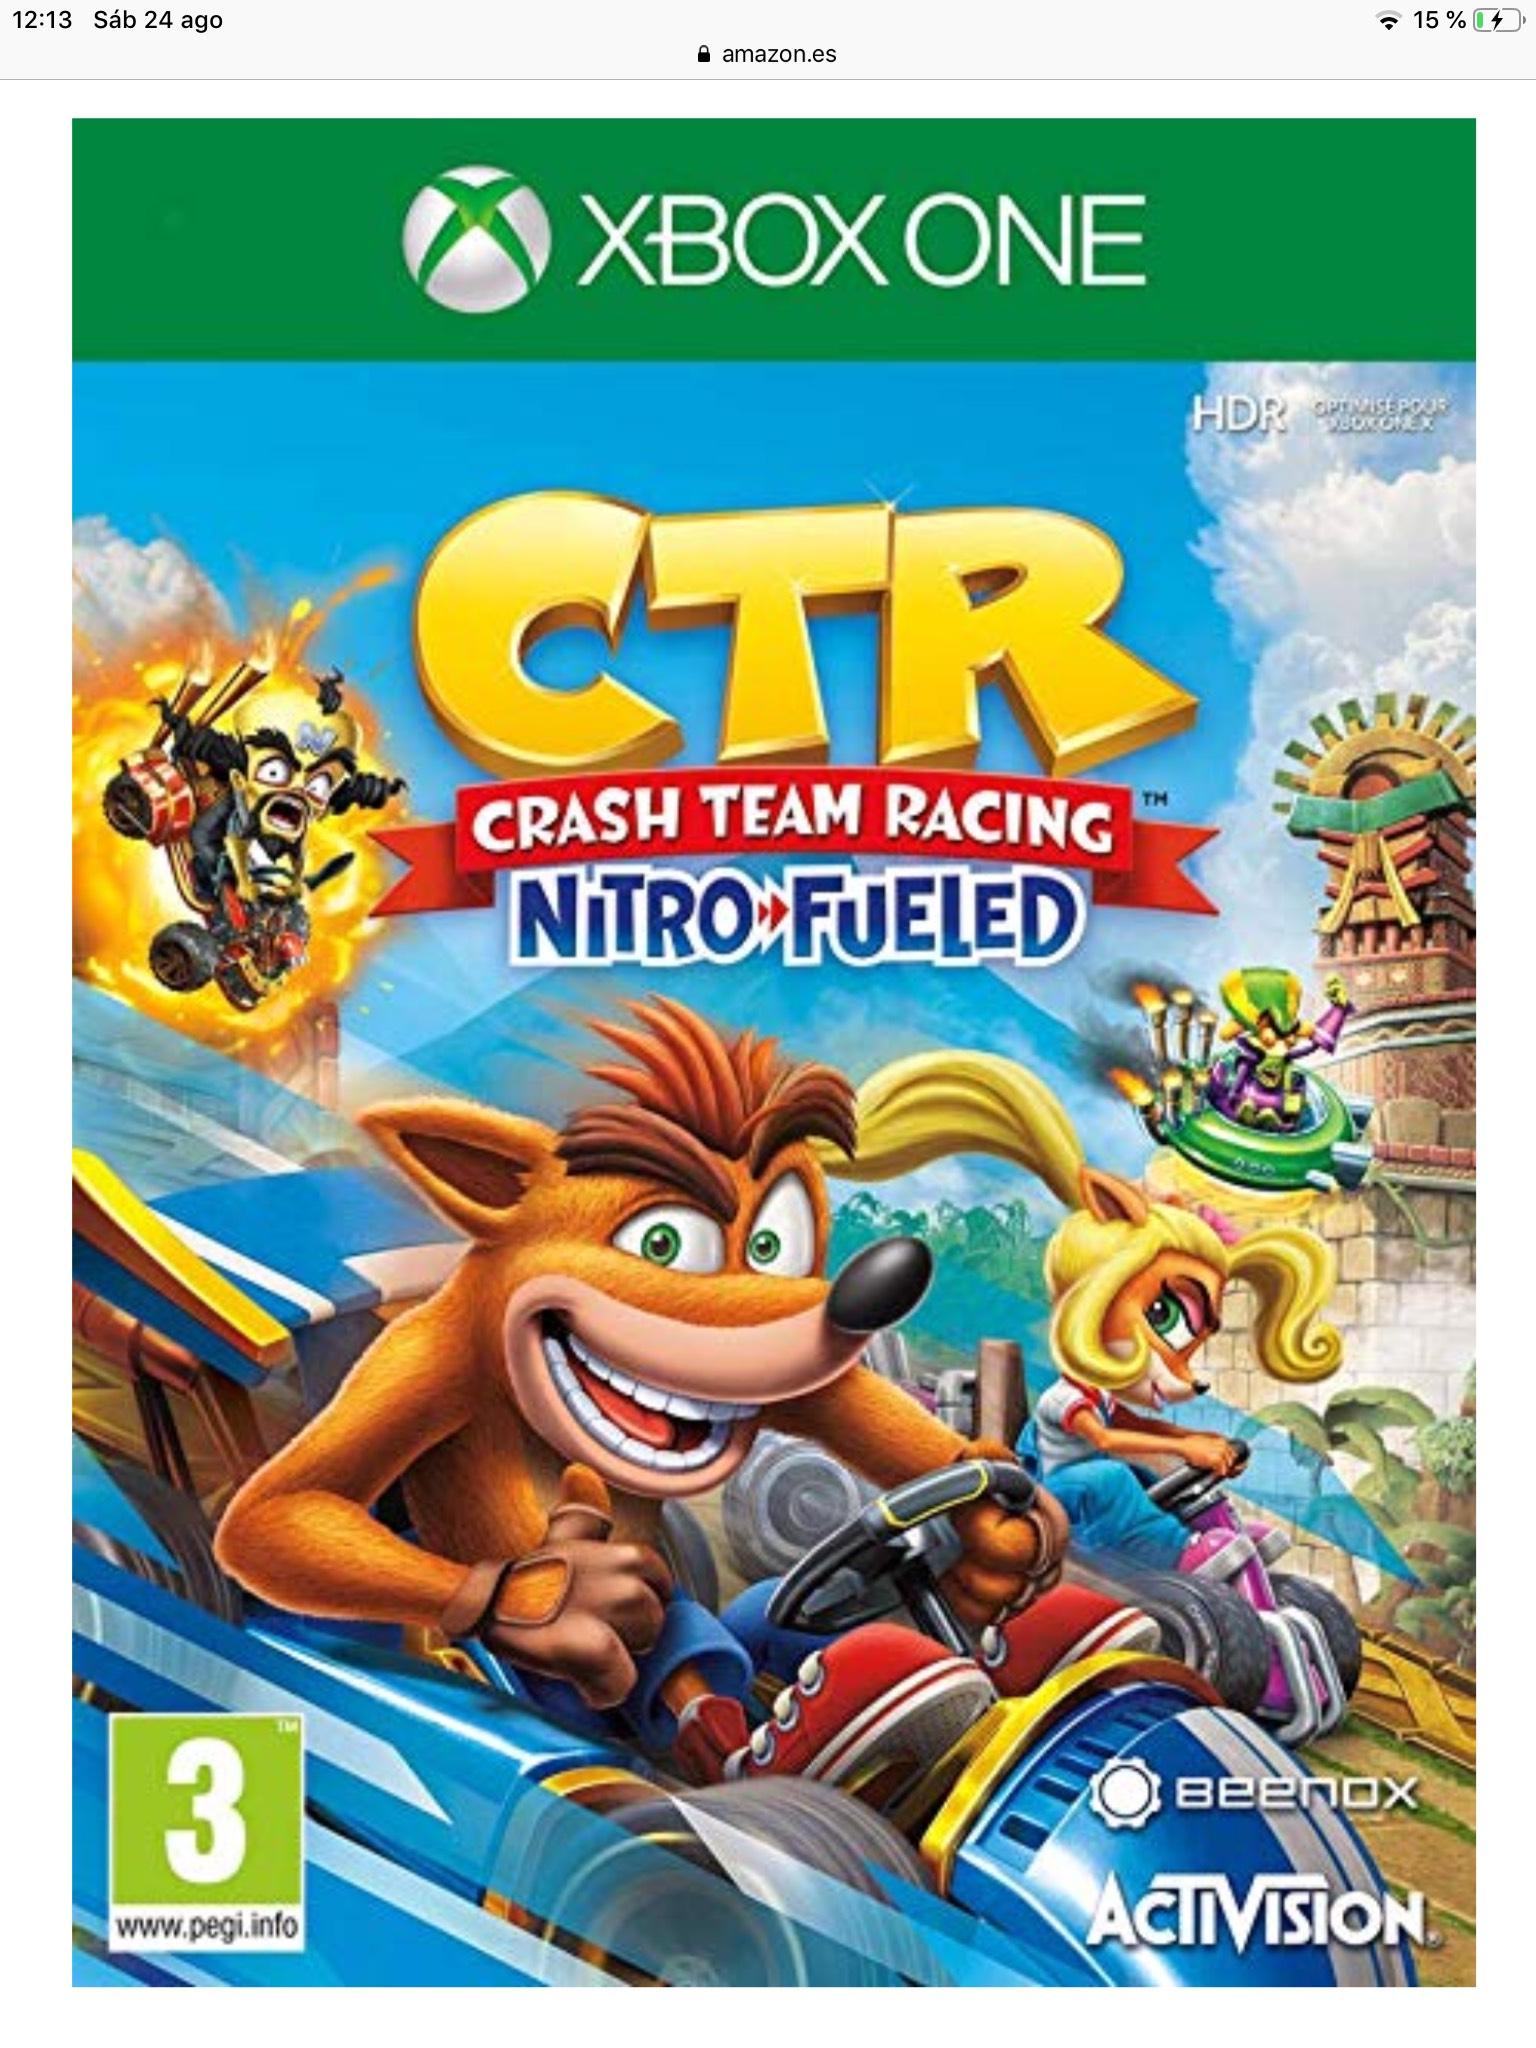 Crash team Racing Nitro fueled  edición estándar